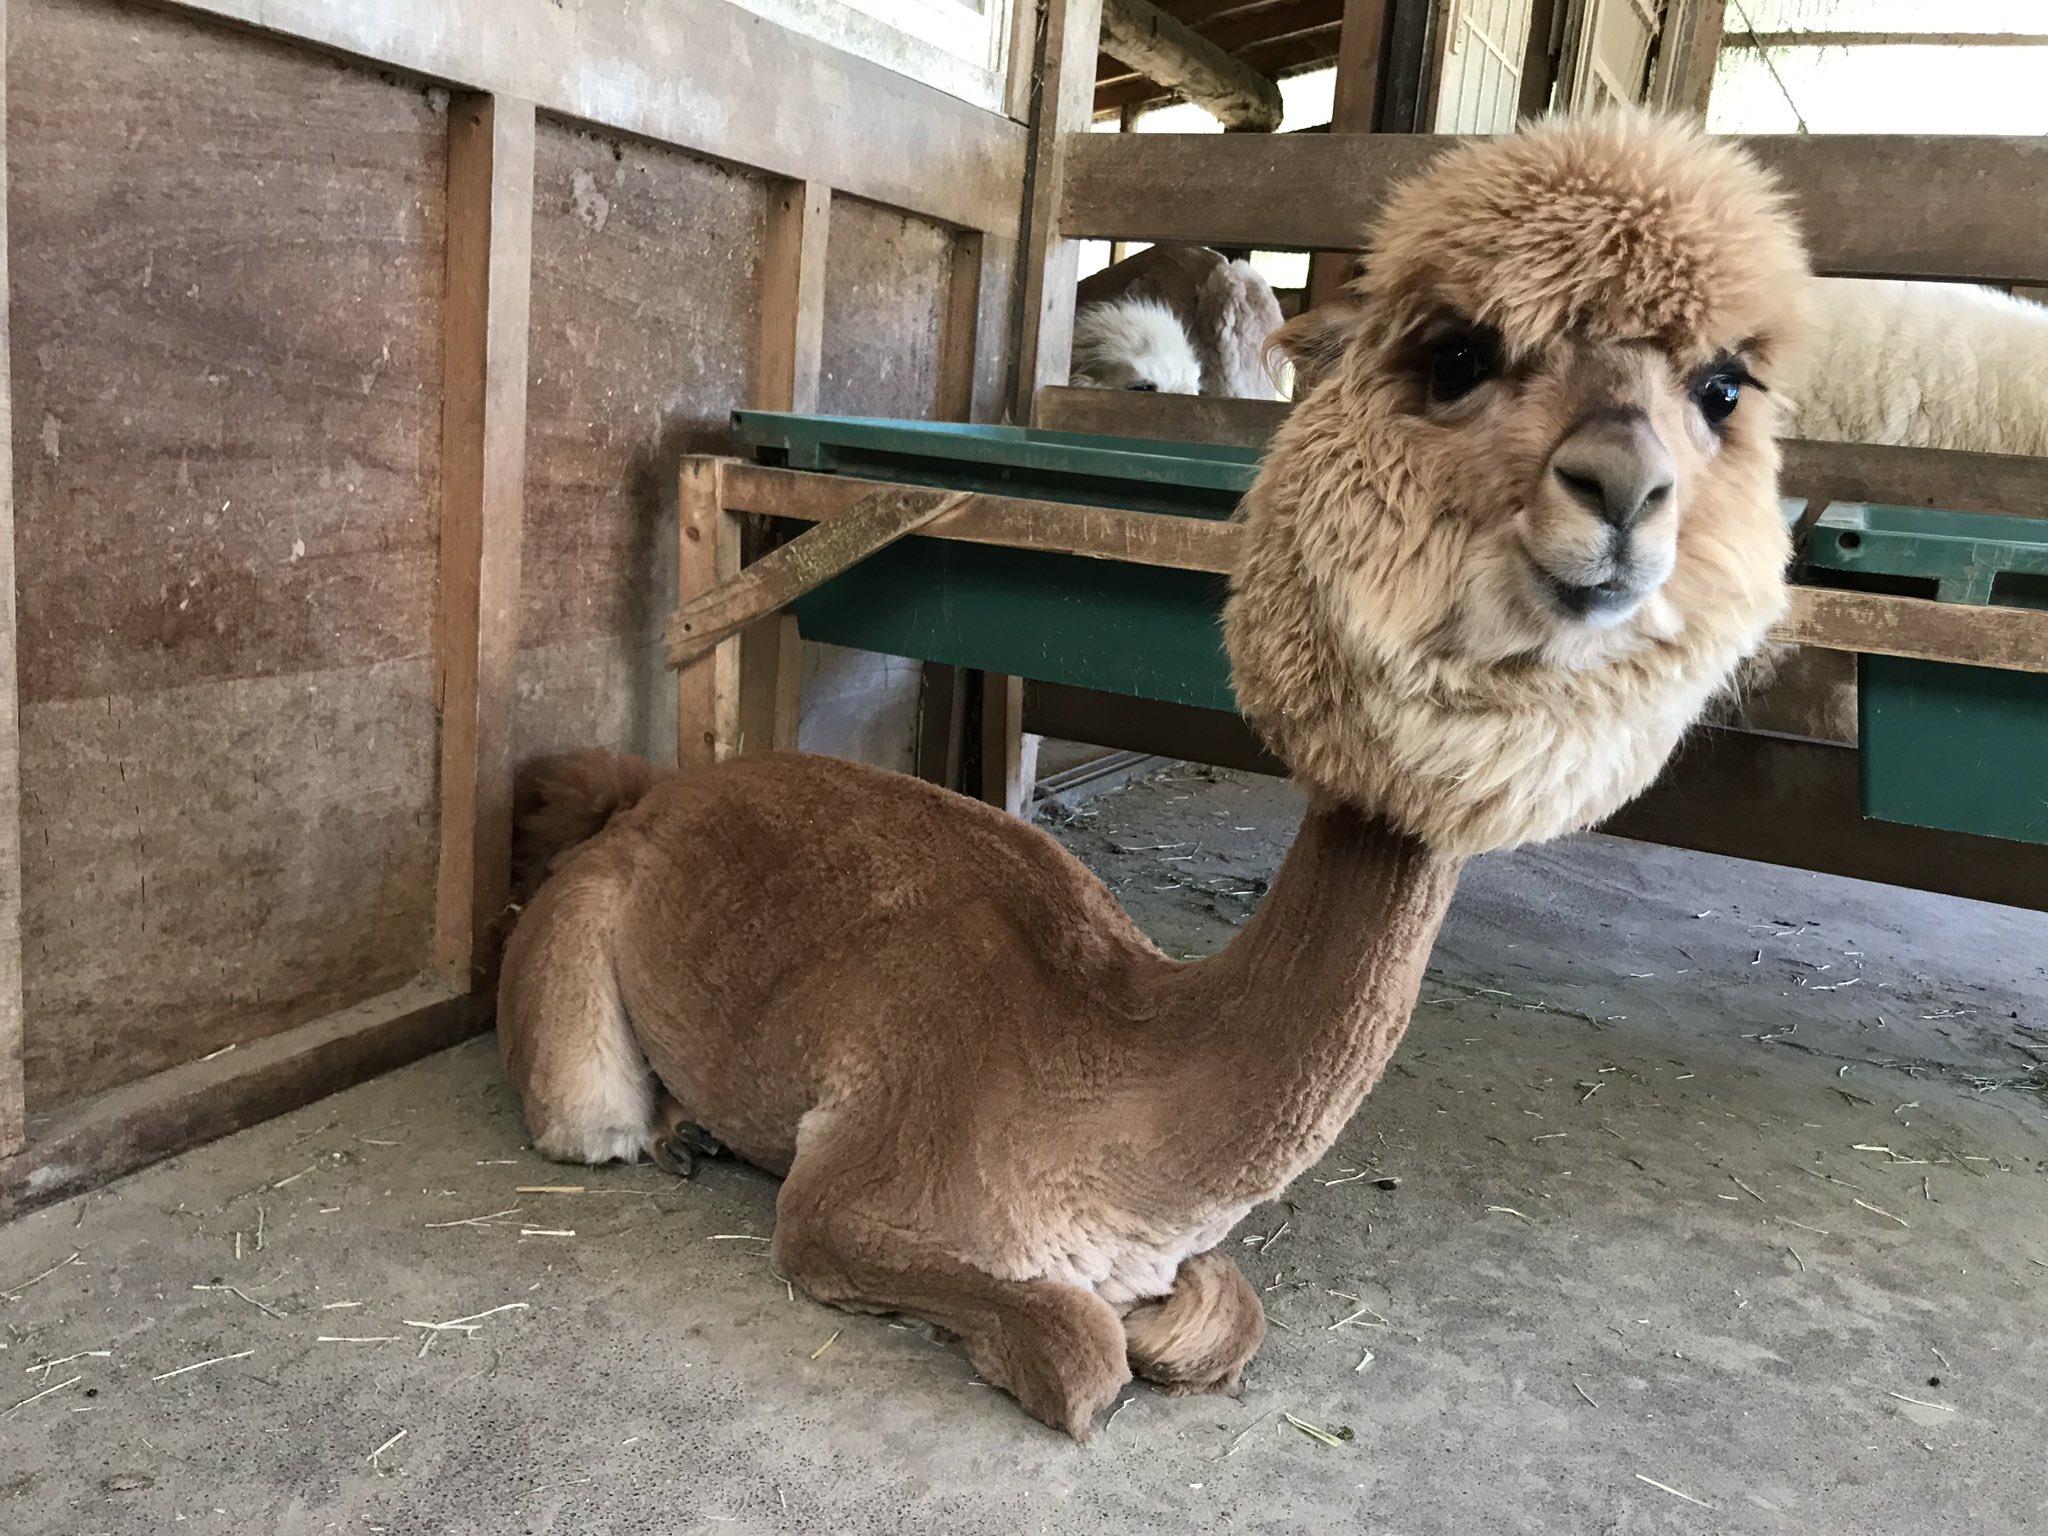 毛刈りされたアルパカがおもしろすぎるwwwかぶり物してるみたいwww